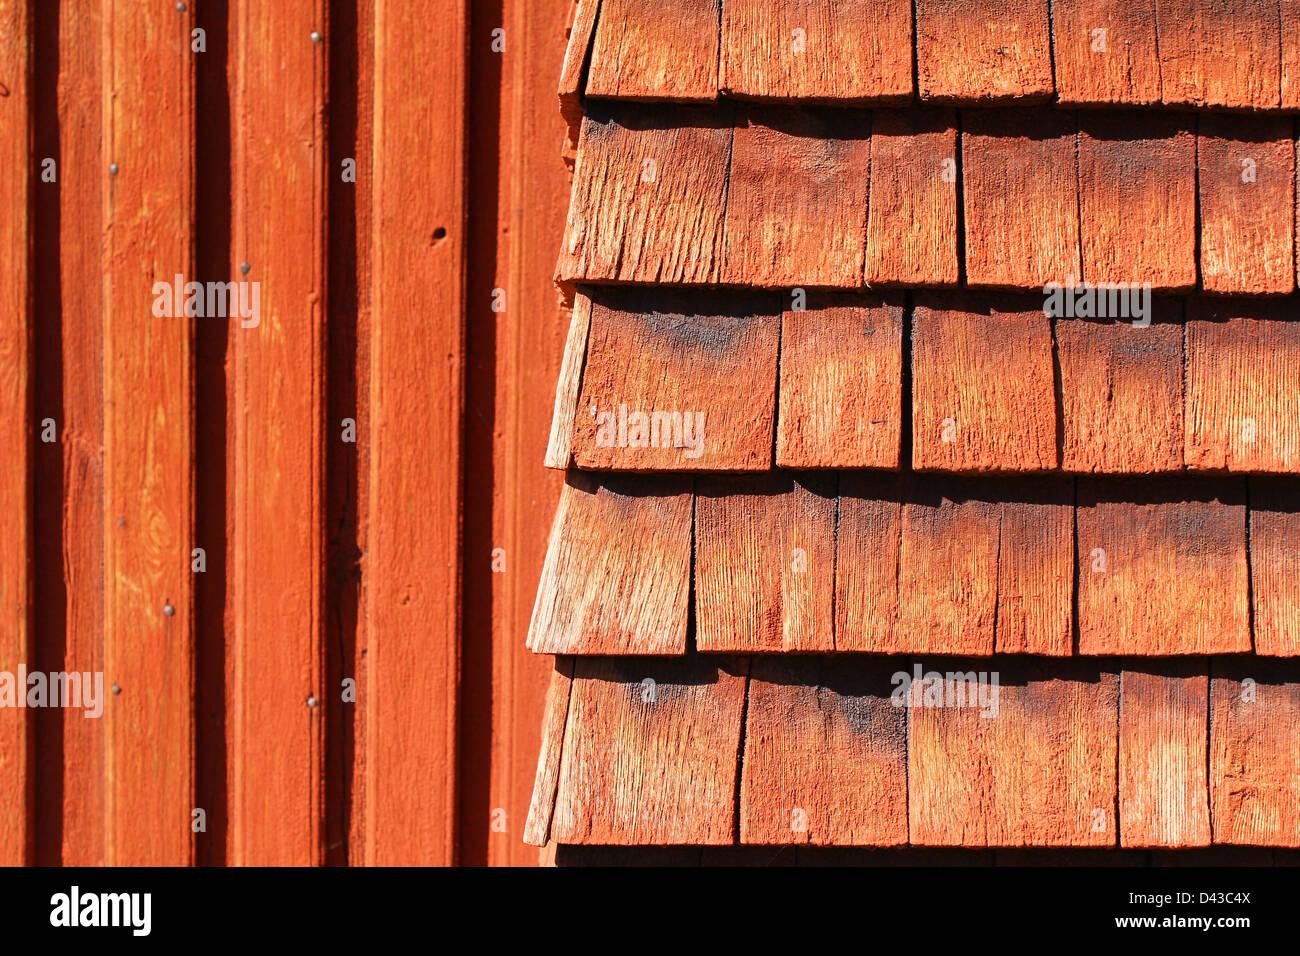 Texture bois naturel rouge - peint en rouge avec fond en bois naturel motif vertical et horizontal. Photo Stock